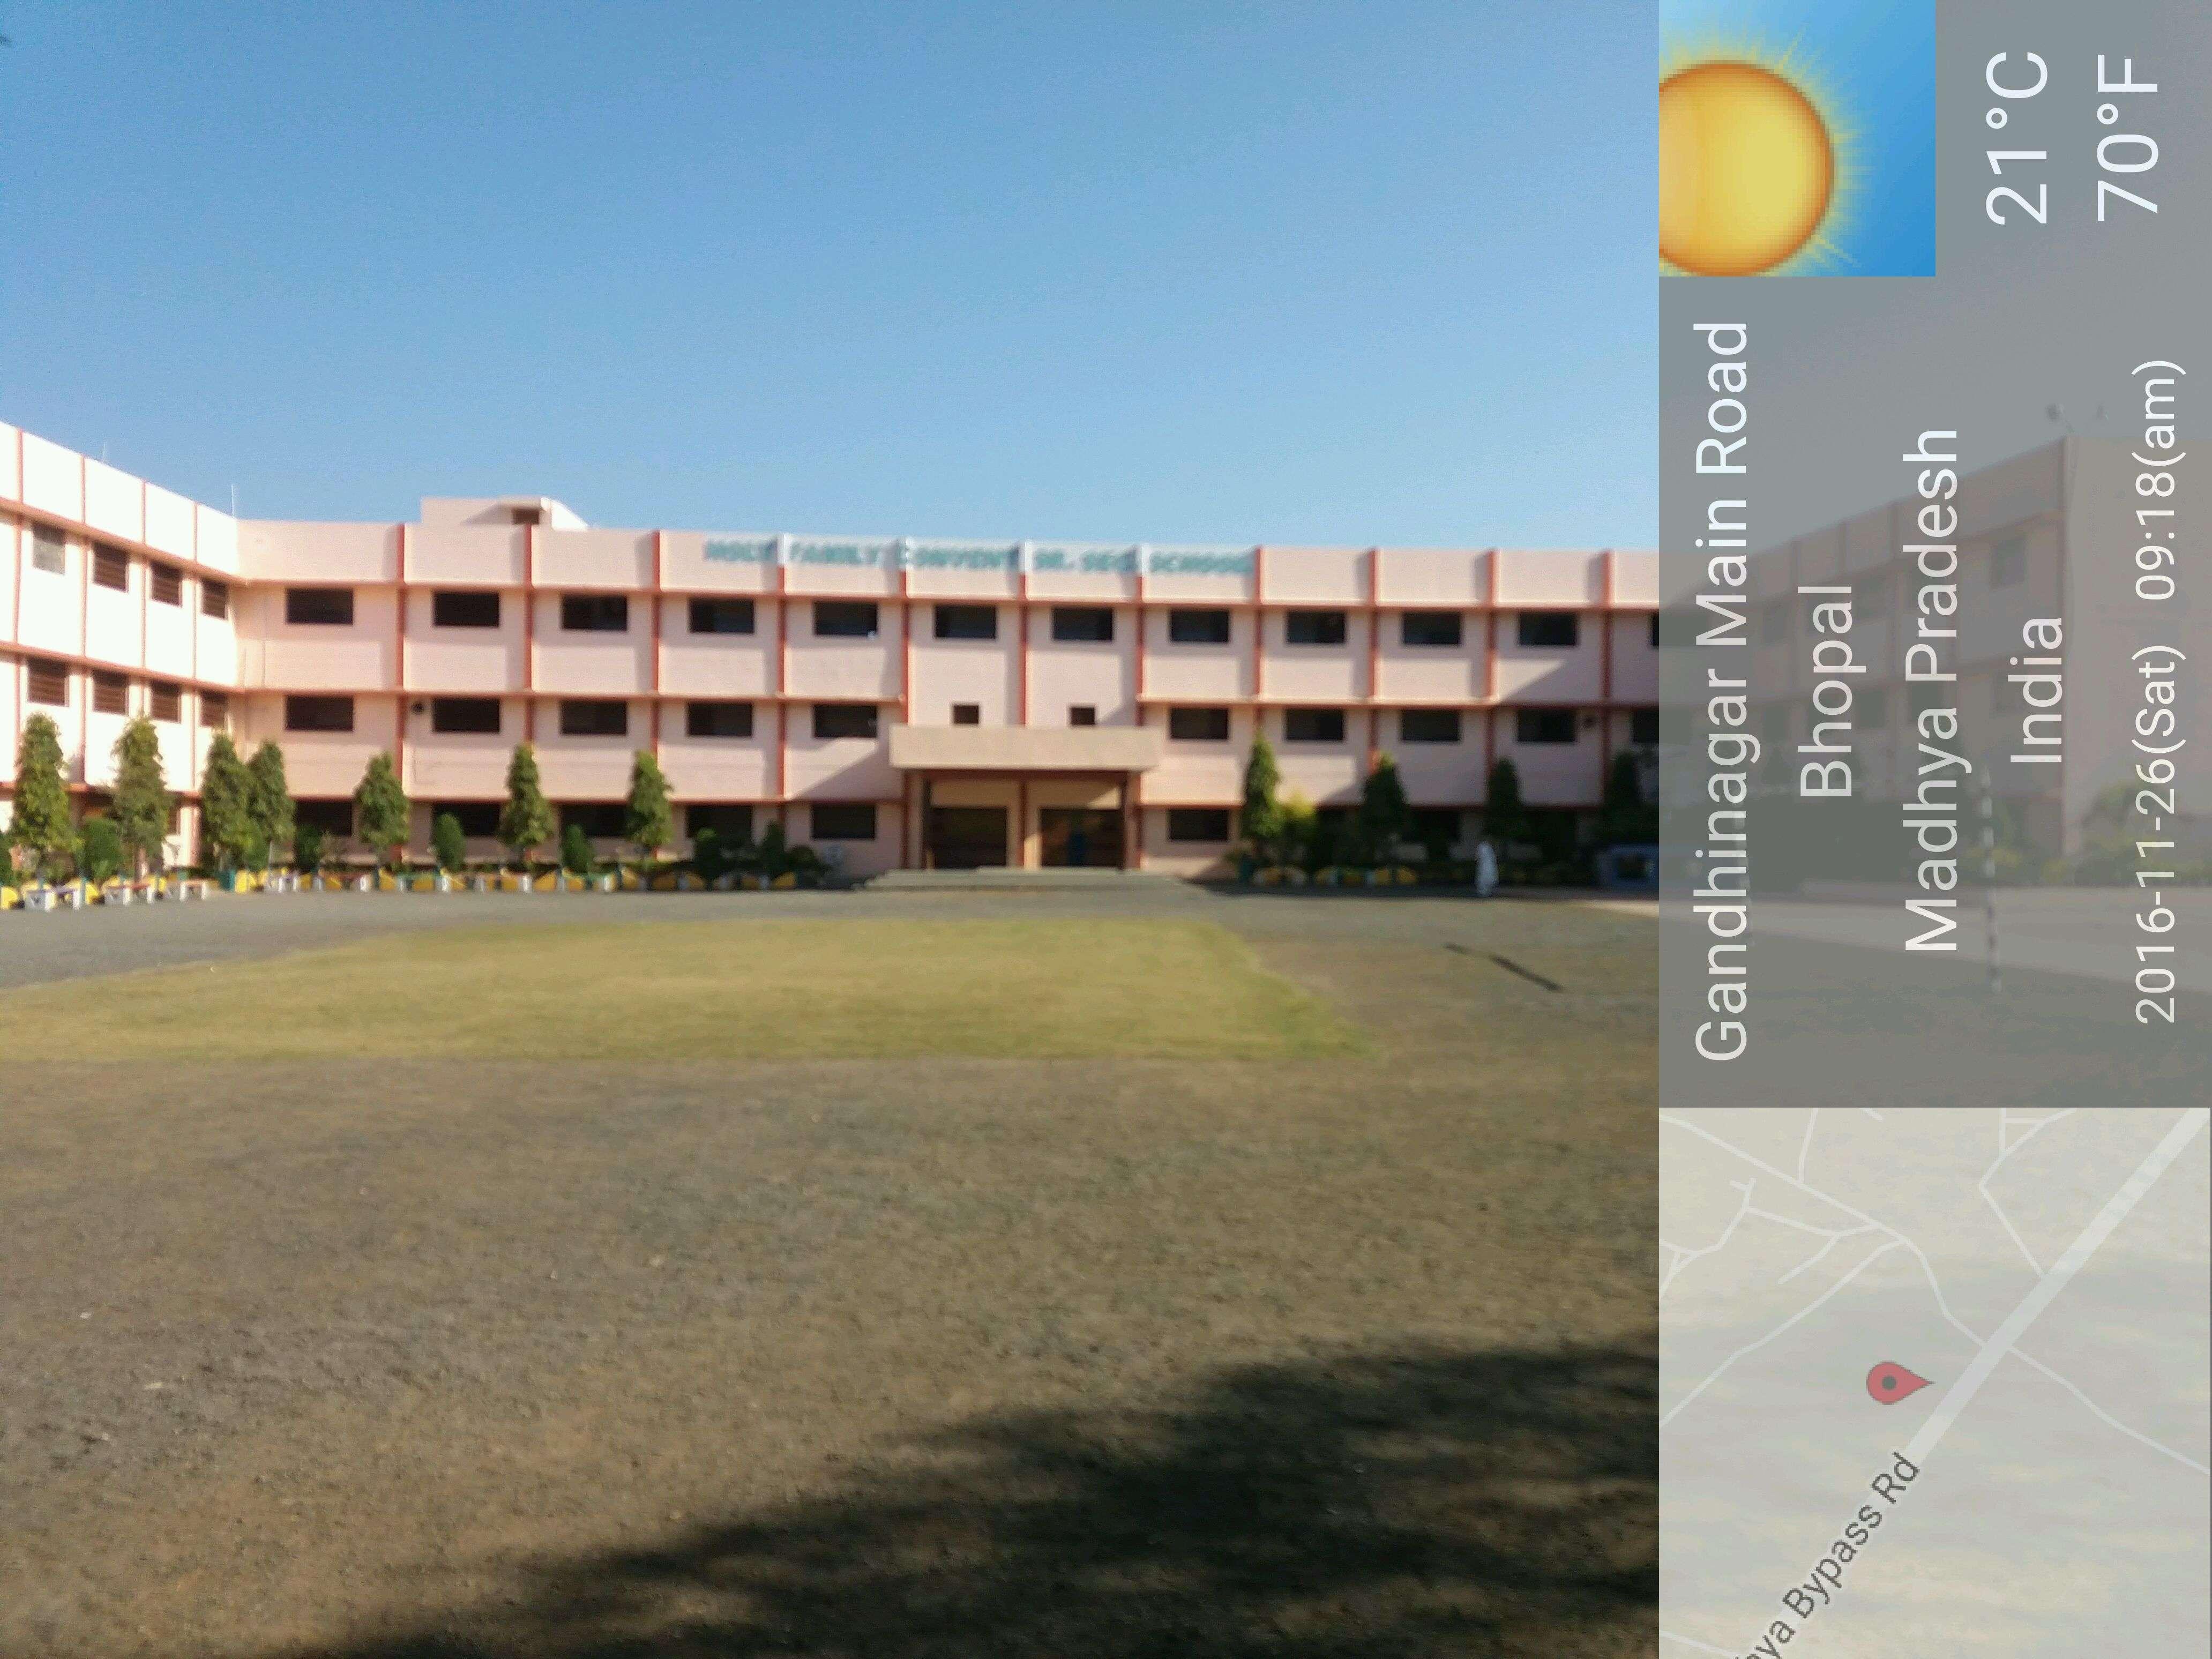 HOLY FAMILY CONVENT SCHOOL SHANTI NAGAR KHURANA P O BHOPAL MADHYA PRADESH 1030103